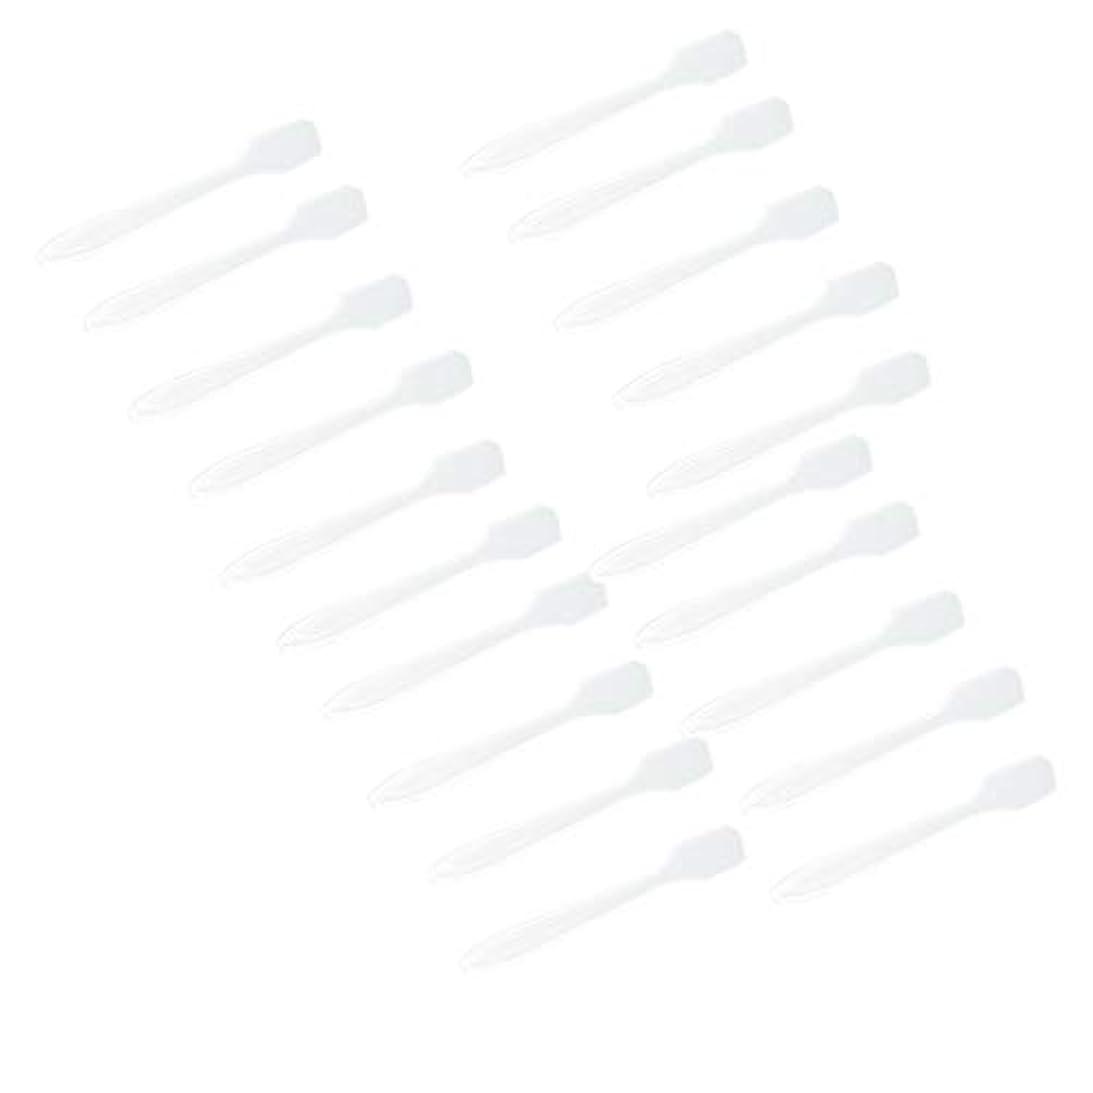 細断いらいらするネックレットP Prettyia 5色 100点 フェイシャル クリーム マスクスプーン 化粧品へら 女性美容ツール - クリア